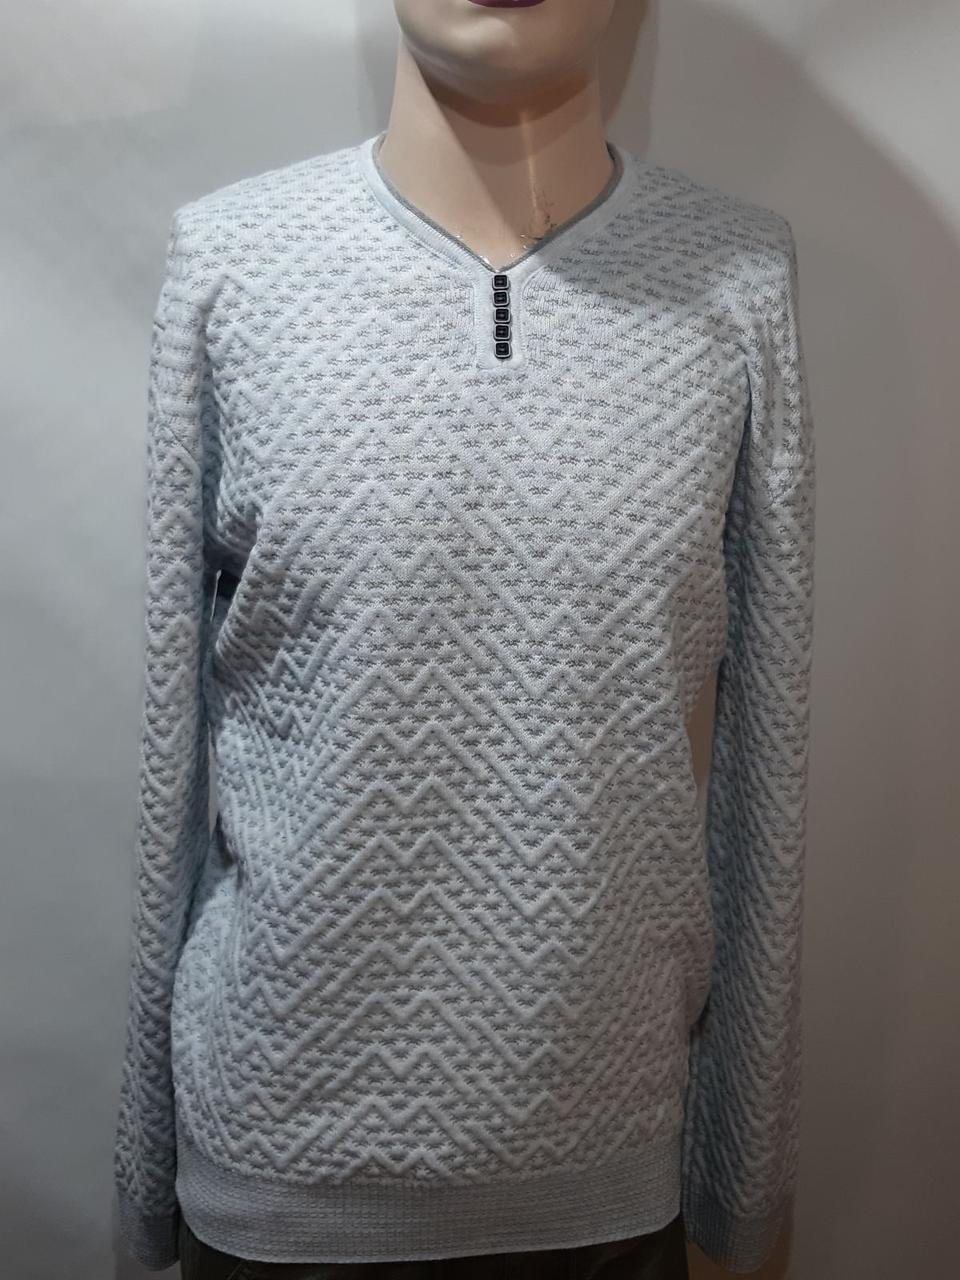 Хл, ххл р  Стильный шерстяной мужской свитер с v-образным вырезом Турция Бежевый